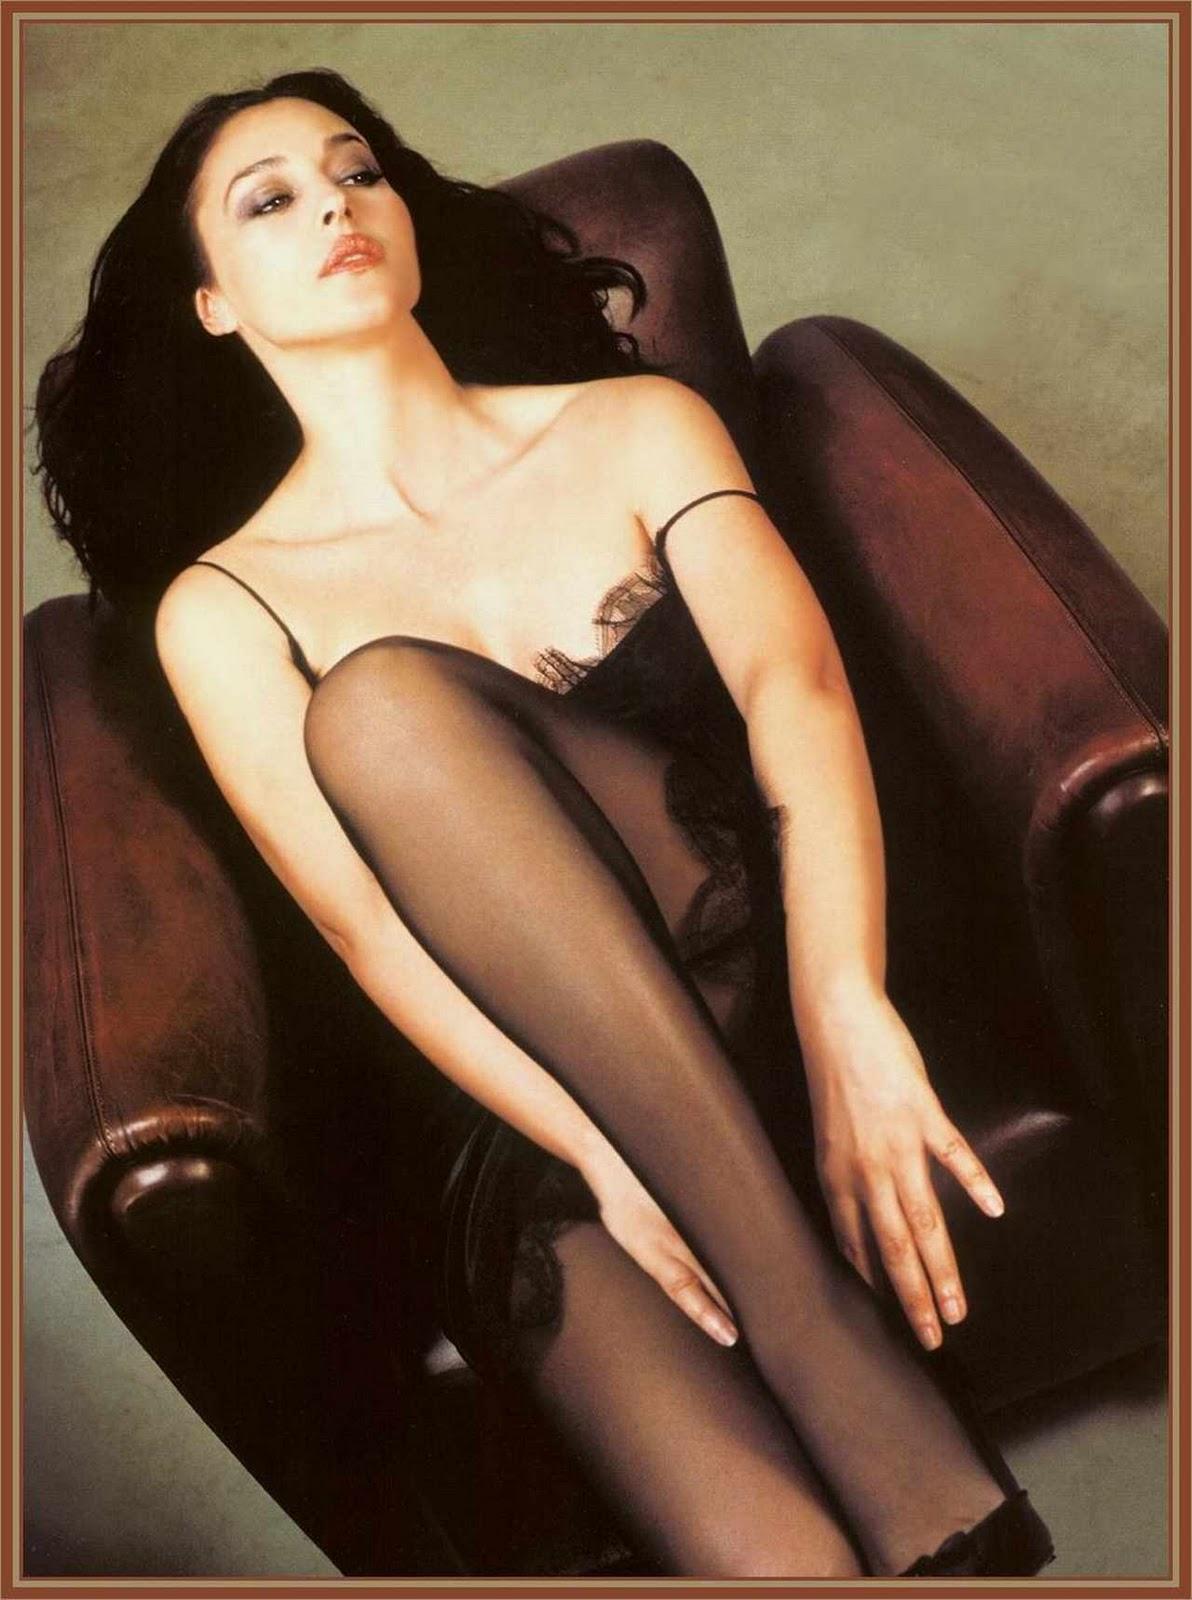 http://1.bp.blogspot.com/_AoS9kfI89Q4/TTQnuvIyo-I/AAAAAAAAASs/2alQWd8SepQ/s1600/Monica+Bellucci+picture.jpg